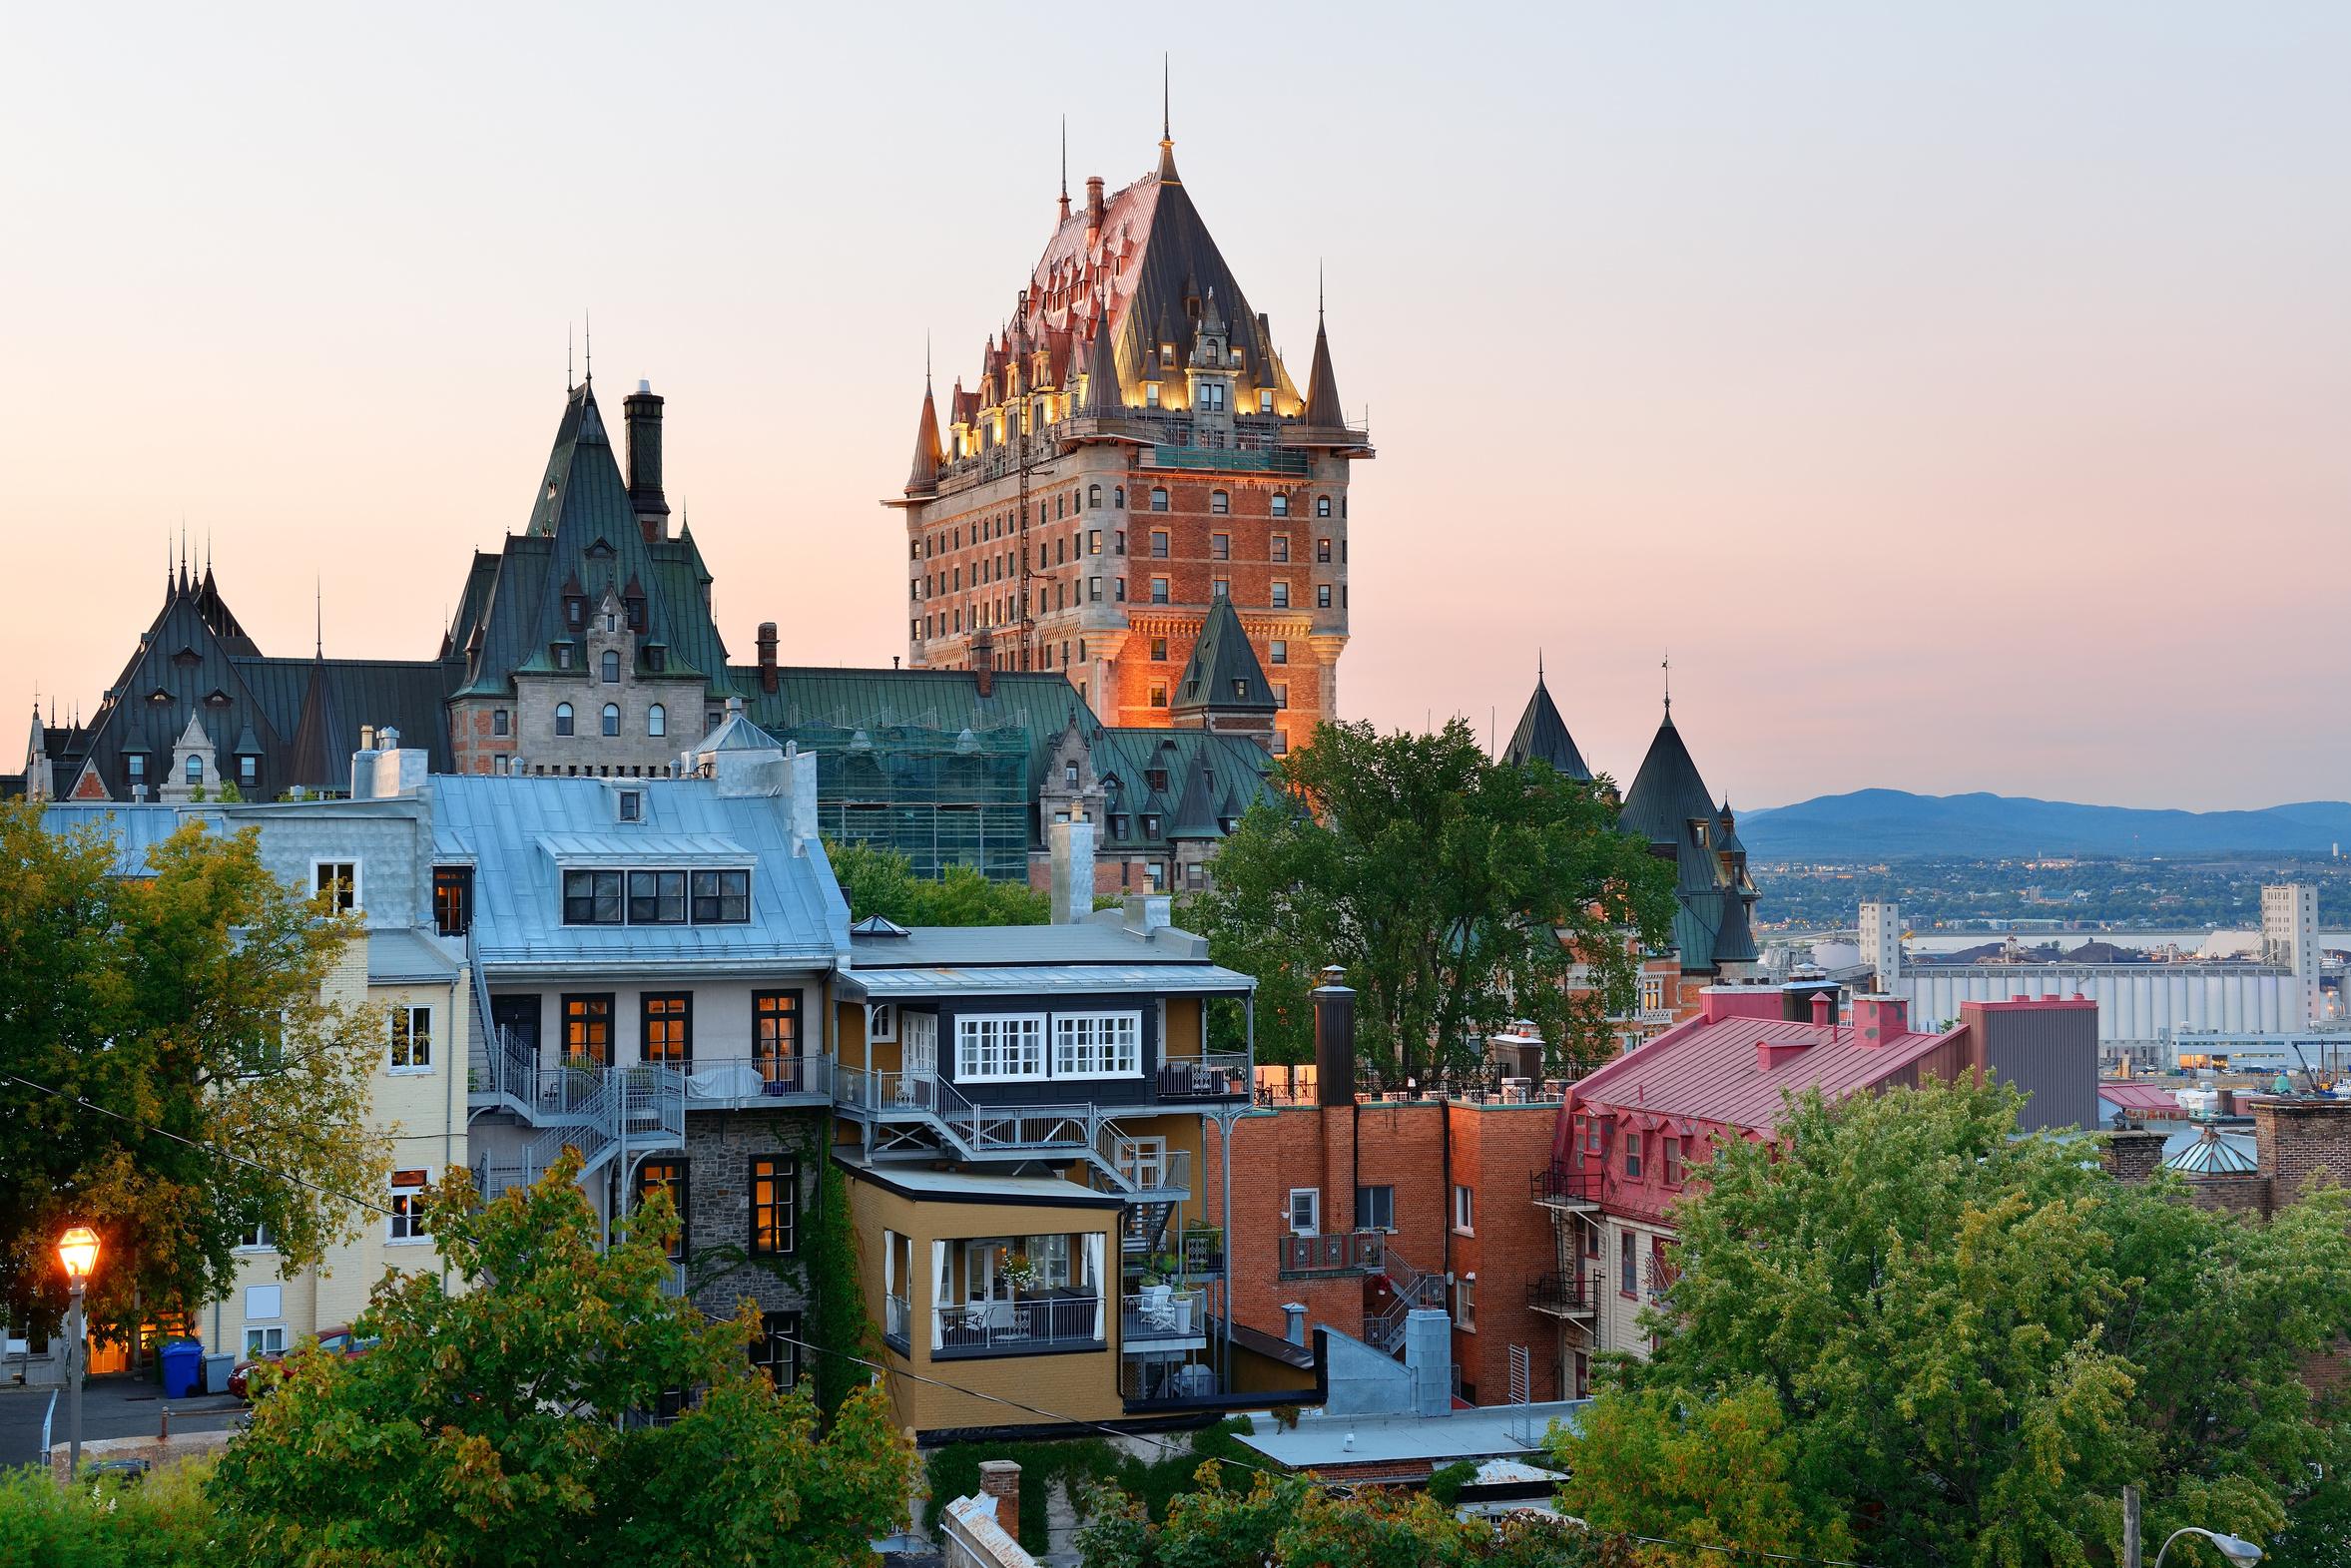 Québec City avec le chateau de Frontenac